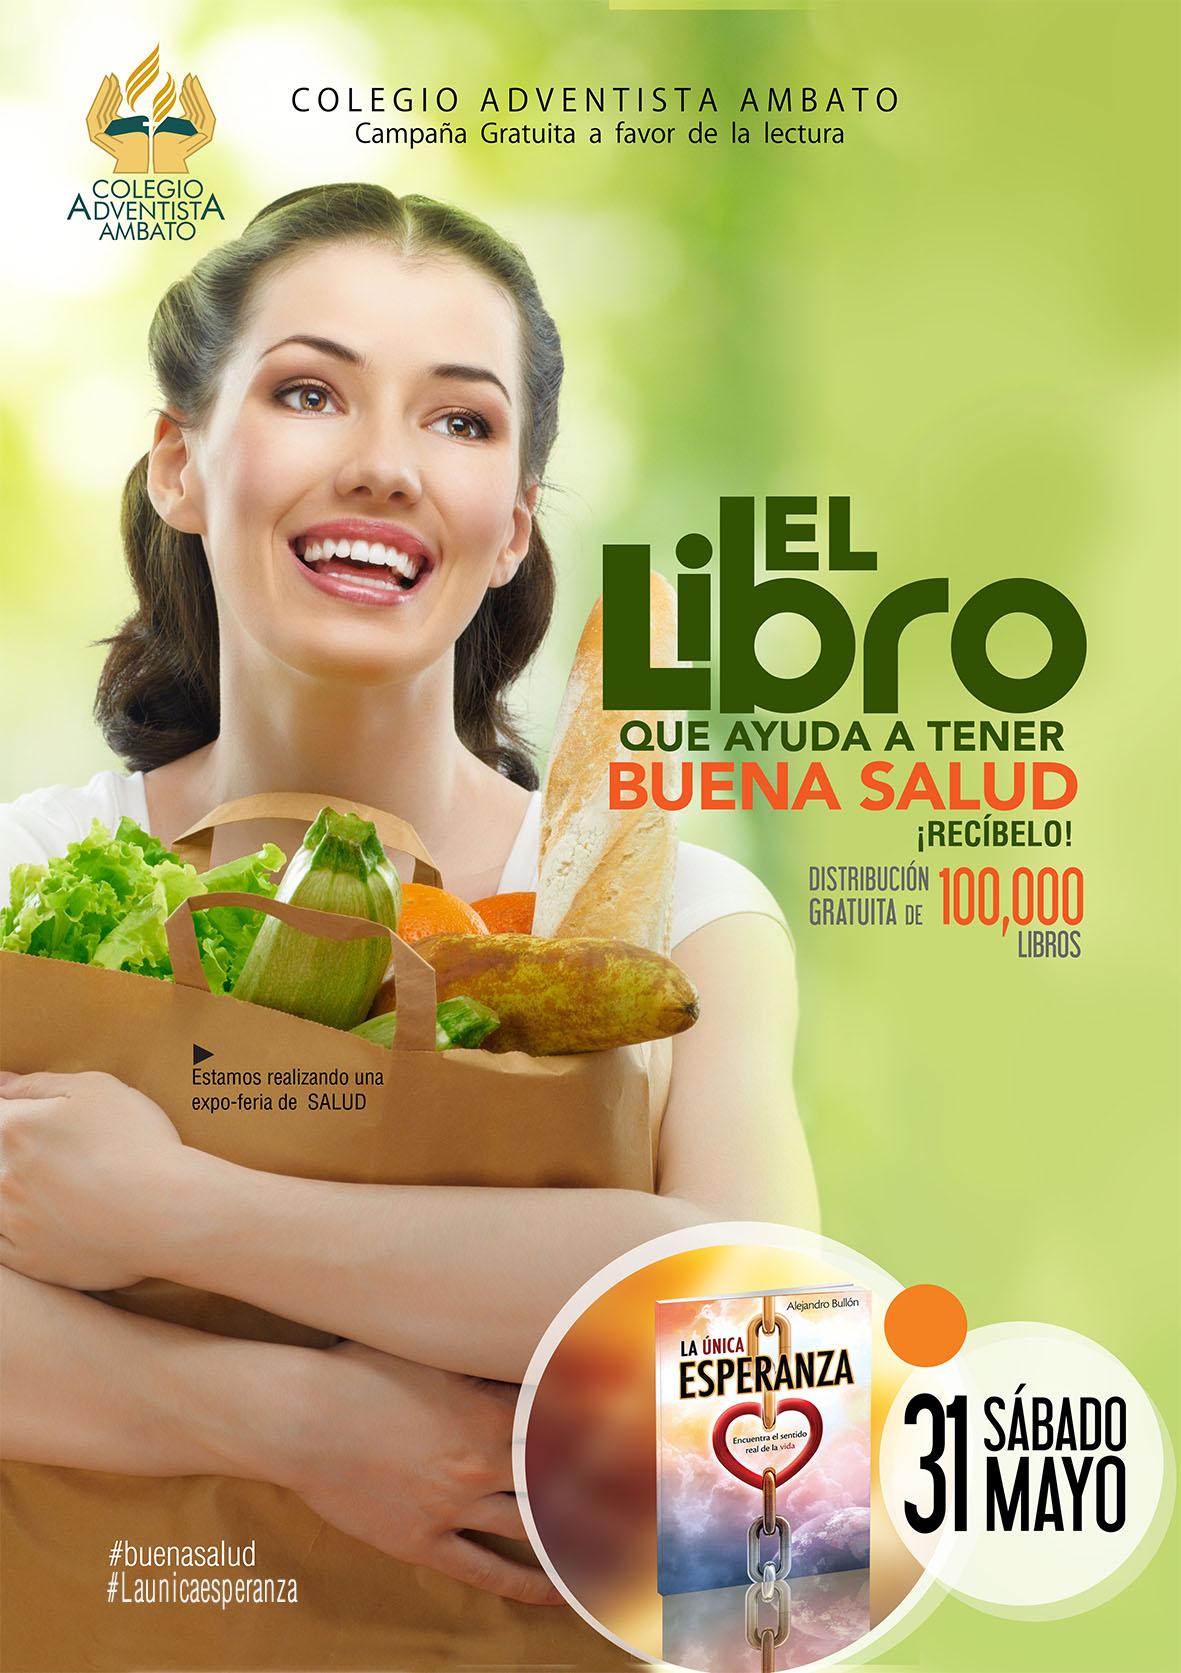 Afiche oficial de la tercera acción en la Campaña Gratuita a favor de la Lectura